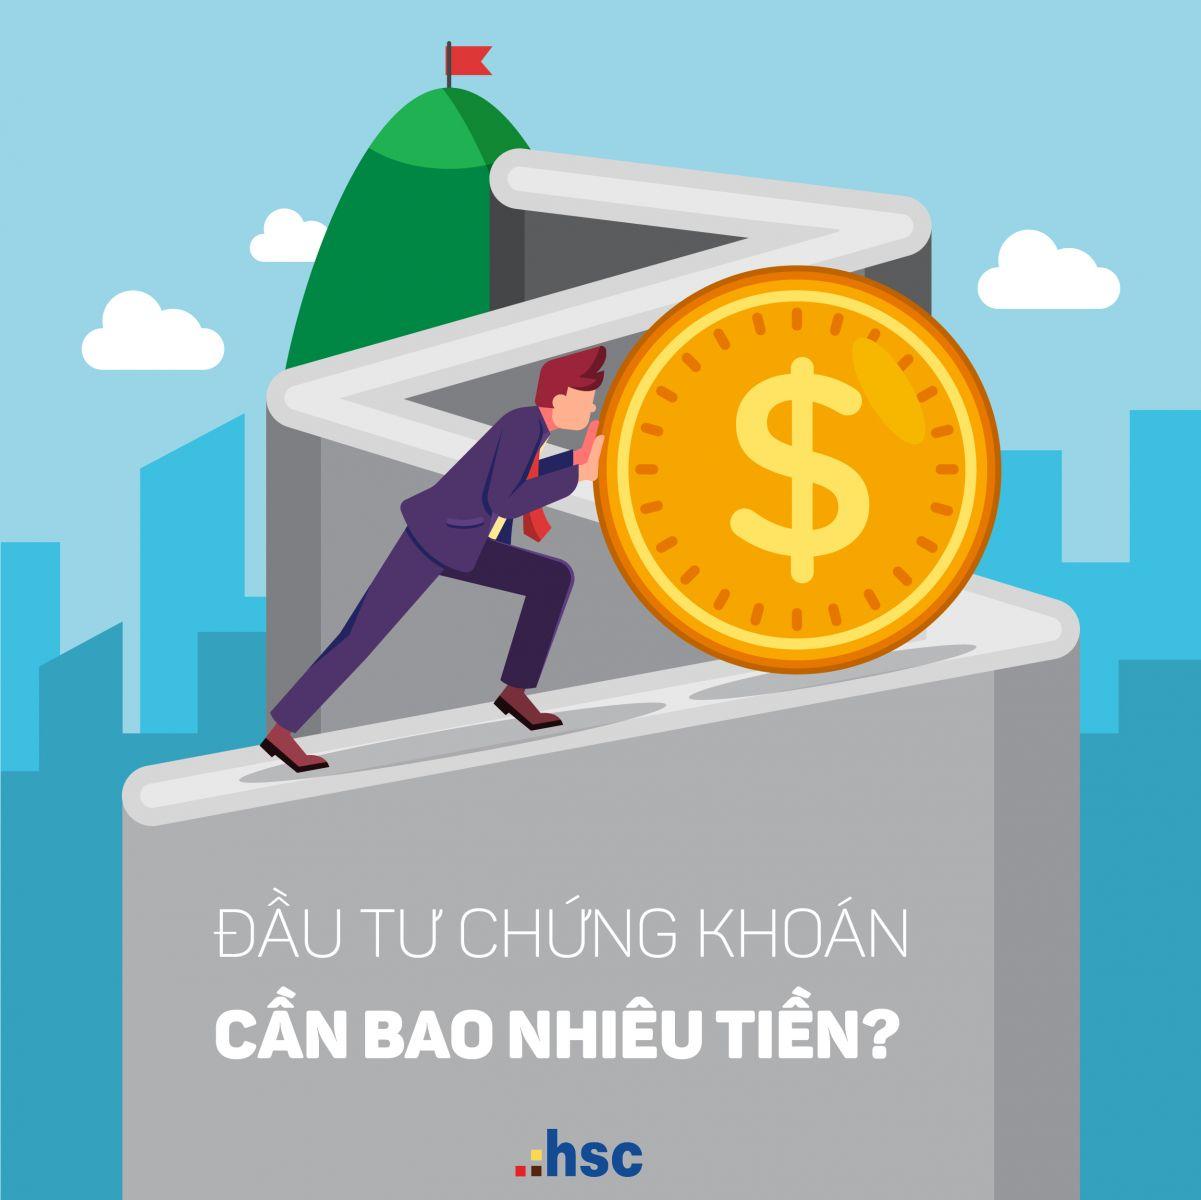 đầu tư chứng khoán cần bao nhiêu tiền